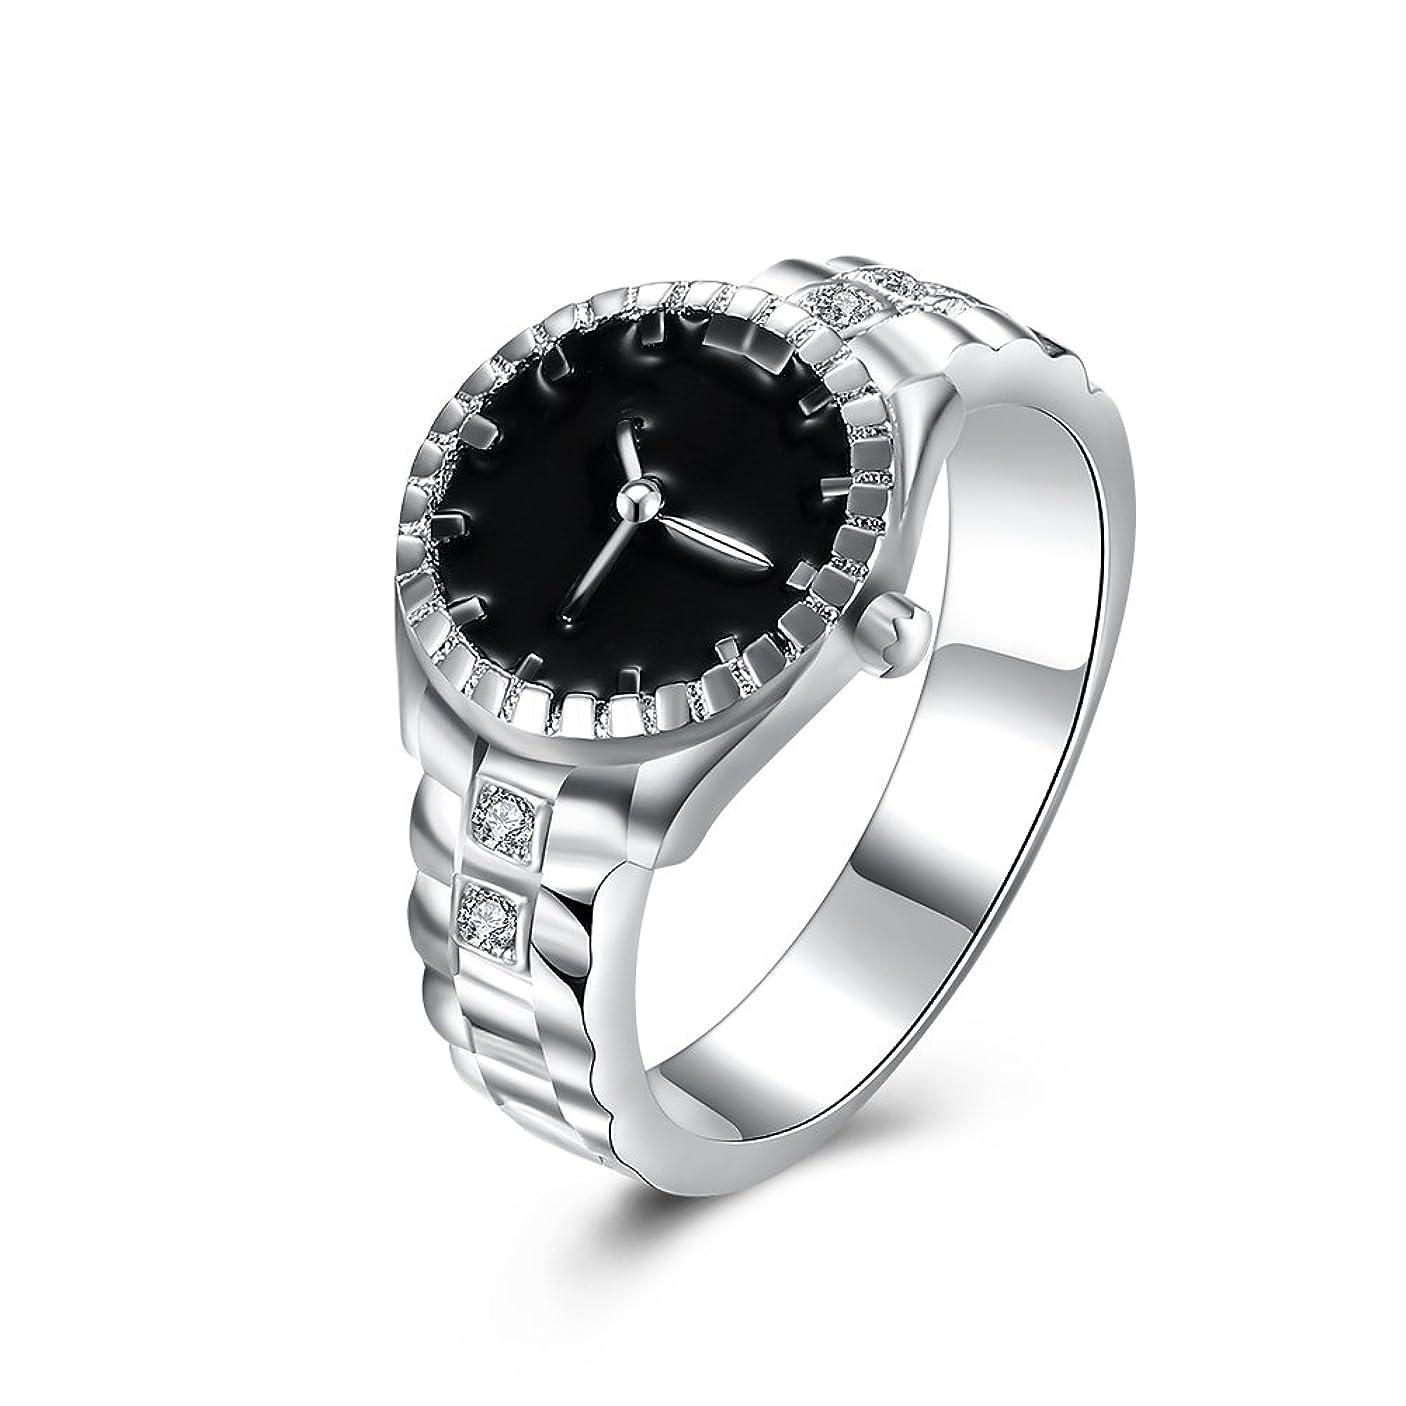 飲料一貫したライド925スターリングシルバーメッキ時計型ダイヤモンドリングファッションジュエリー周年記念ギフト (マルチカラー)